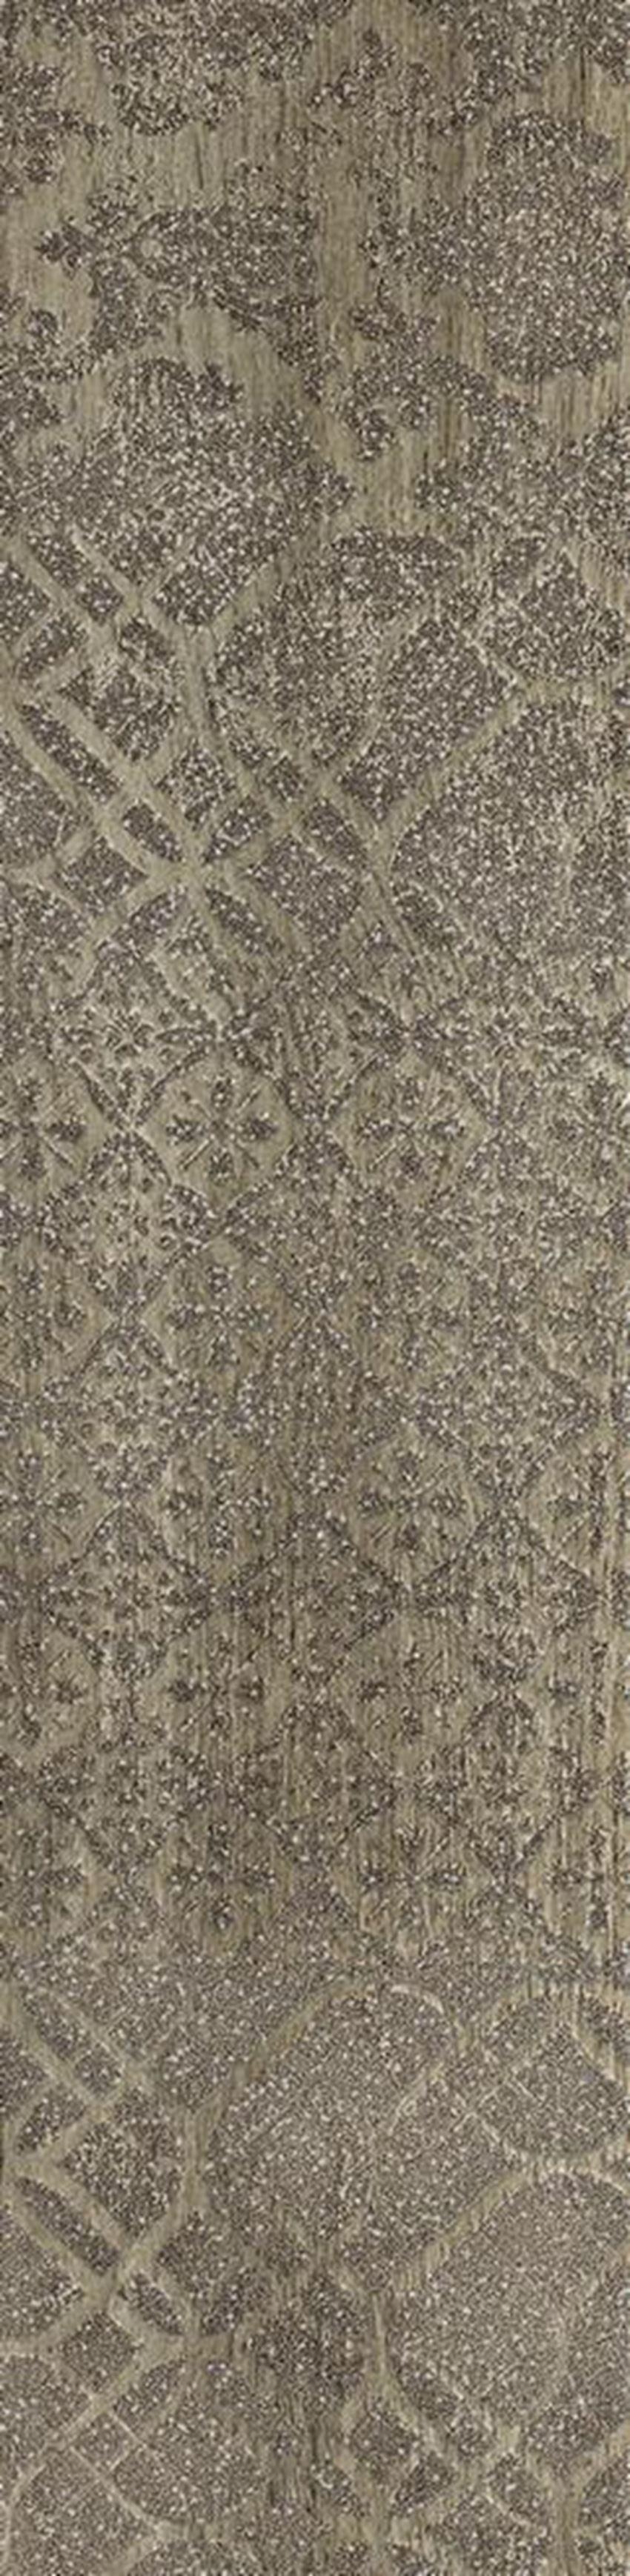 Dekoracja podłogowa 16x65,5 cm Paradyż Maloe Natural Listwa Matowa